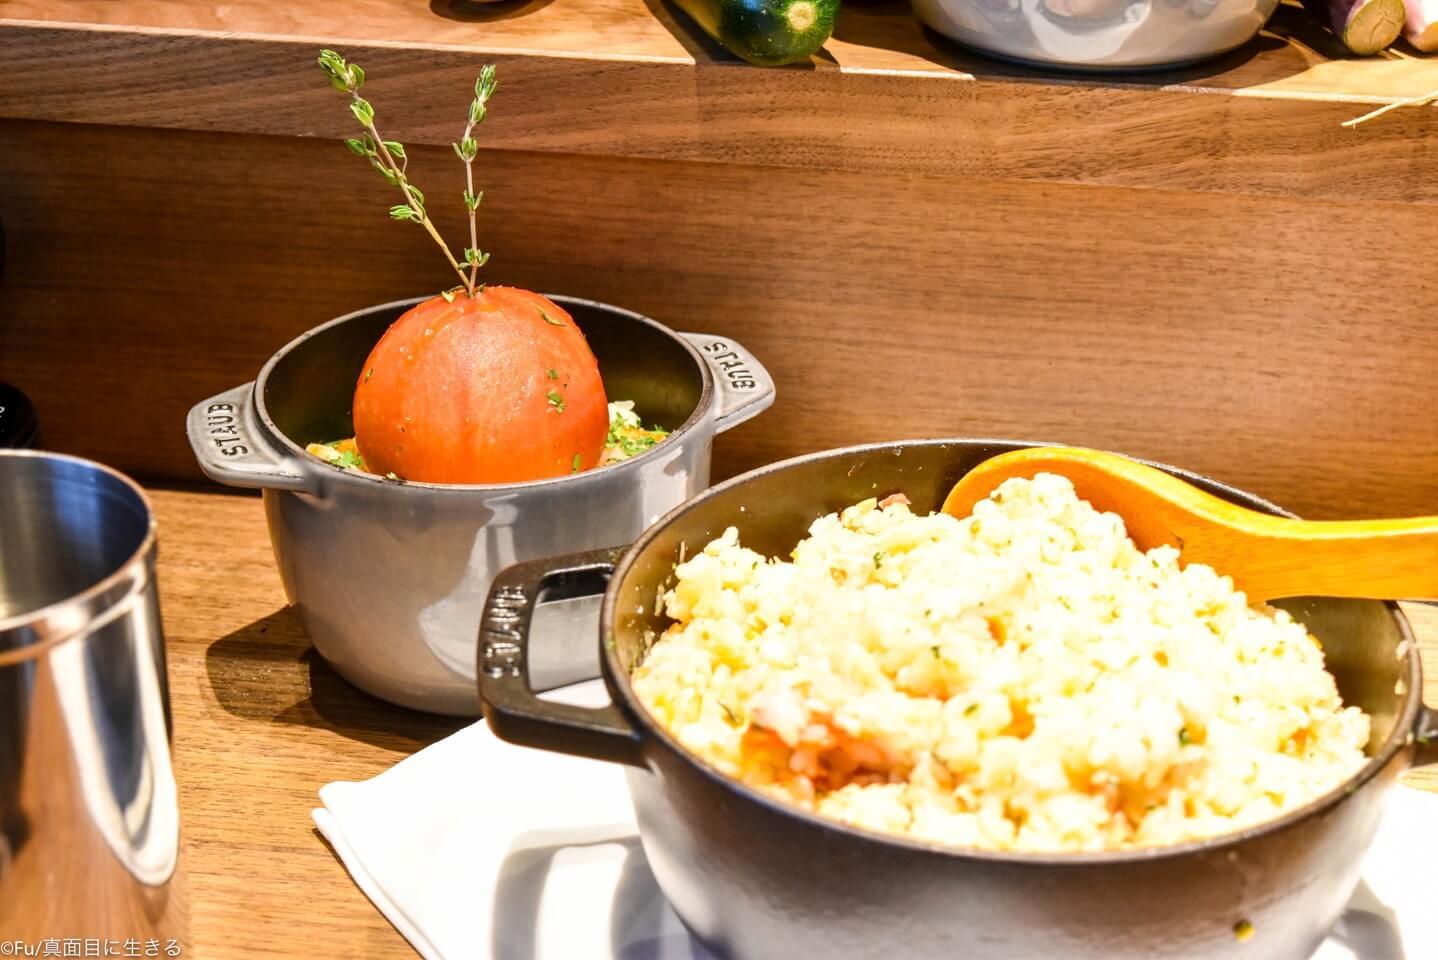 カニとトマトの炊き込みご飯